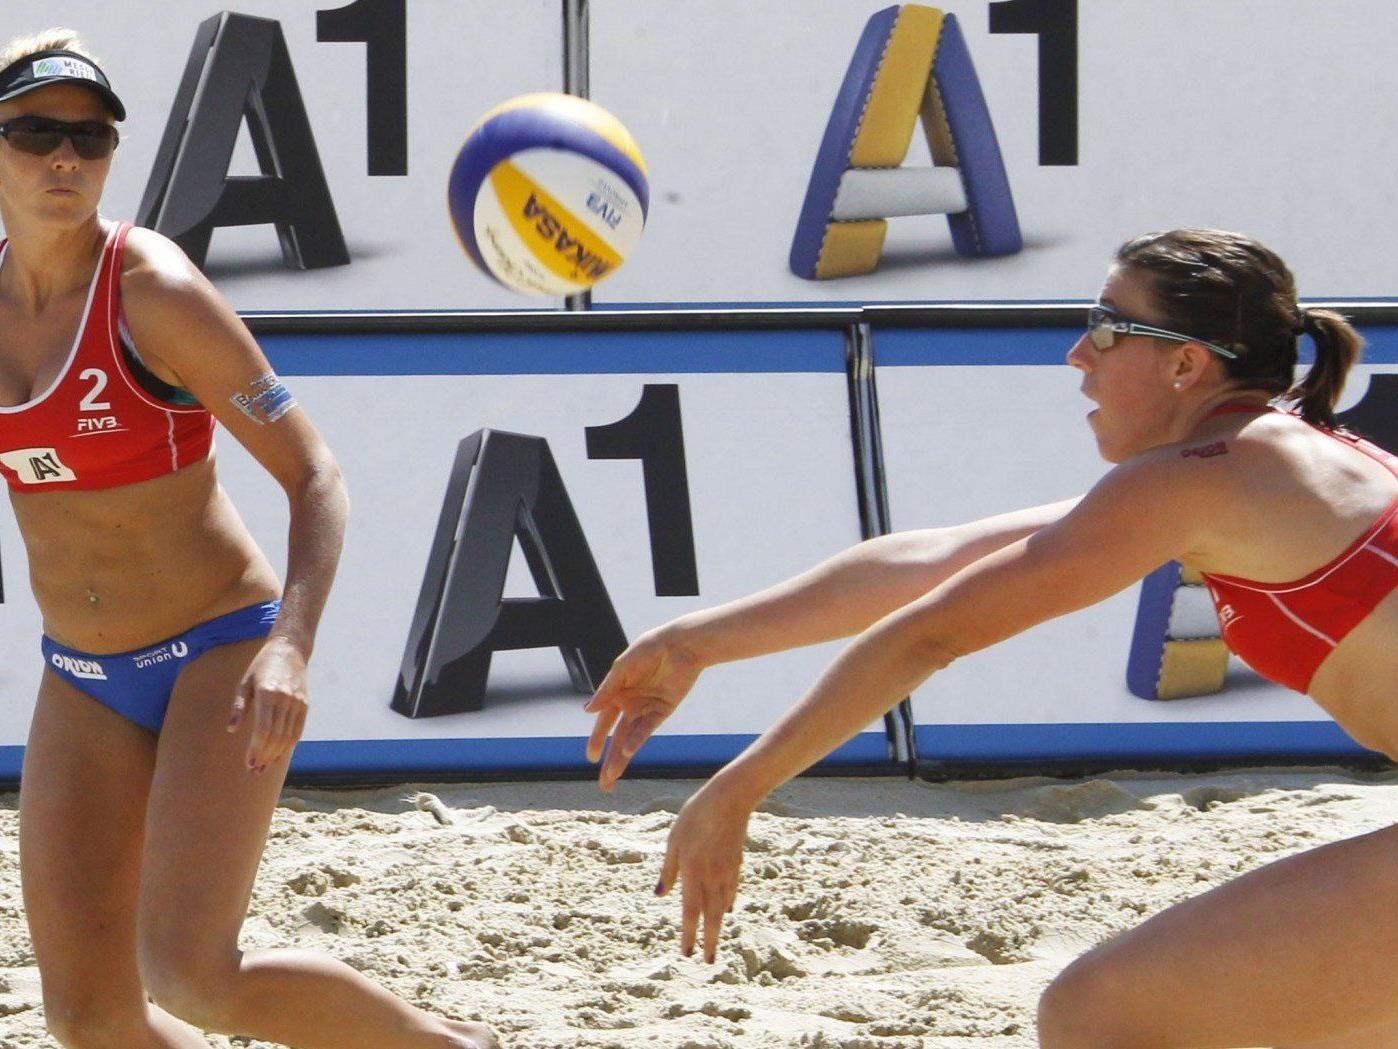 A1 sponsert die Beach Volleyball-EM 2013 in Klagenfurt.